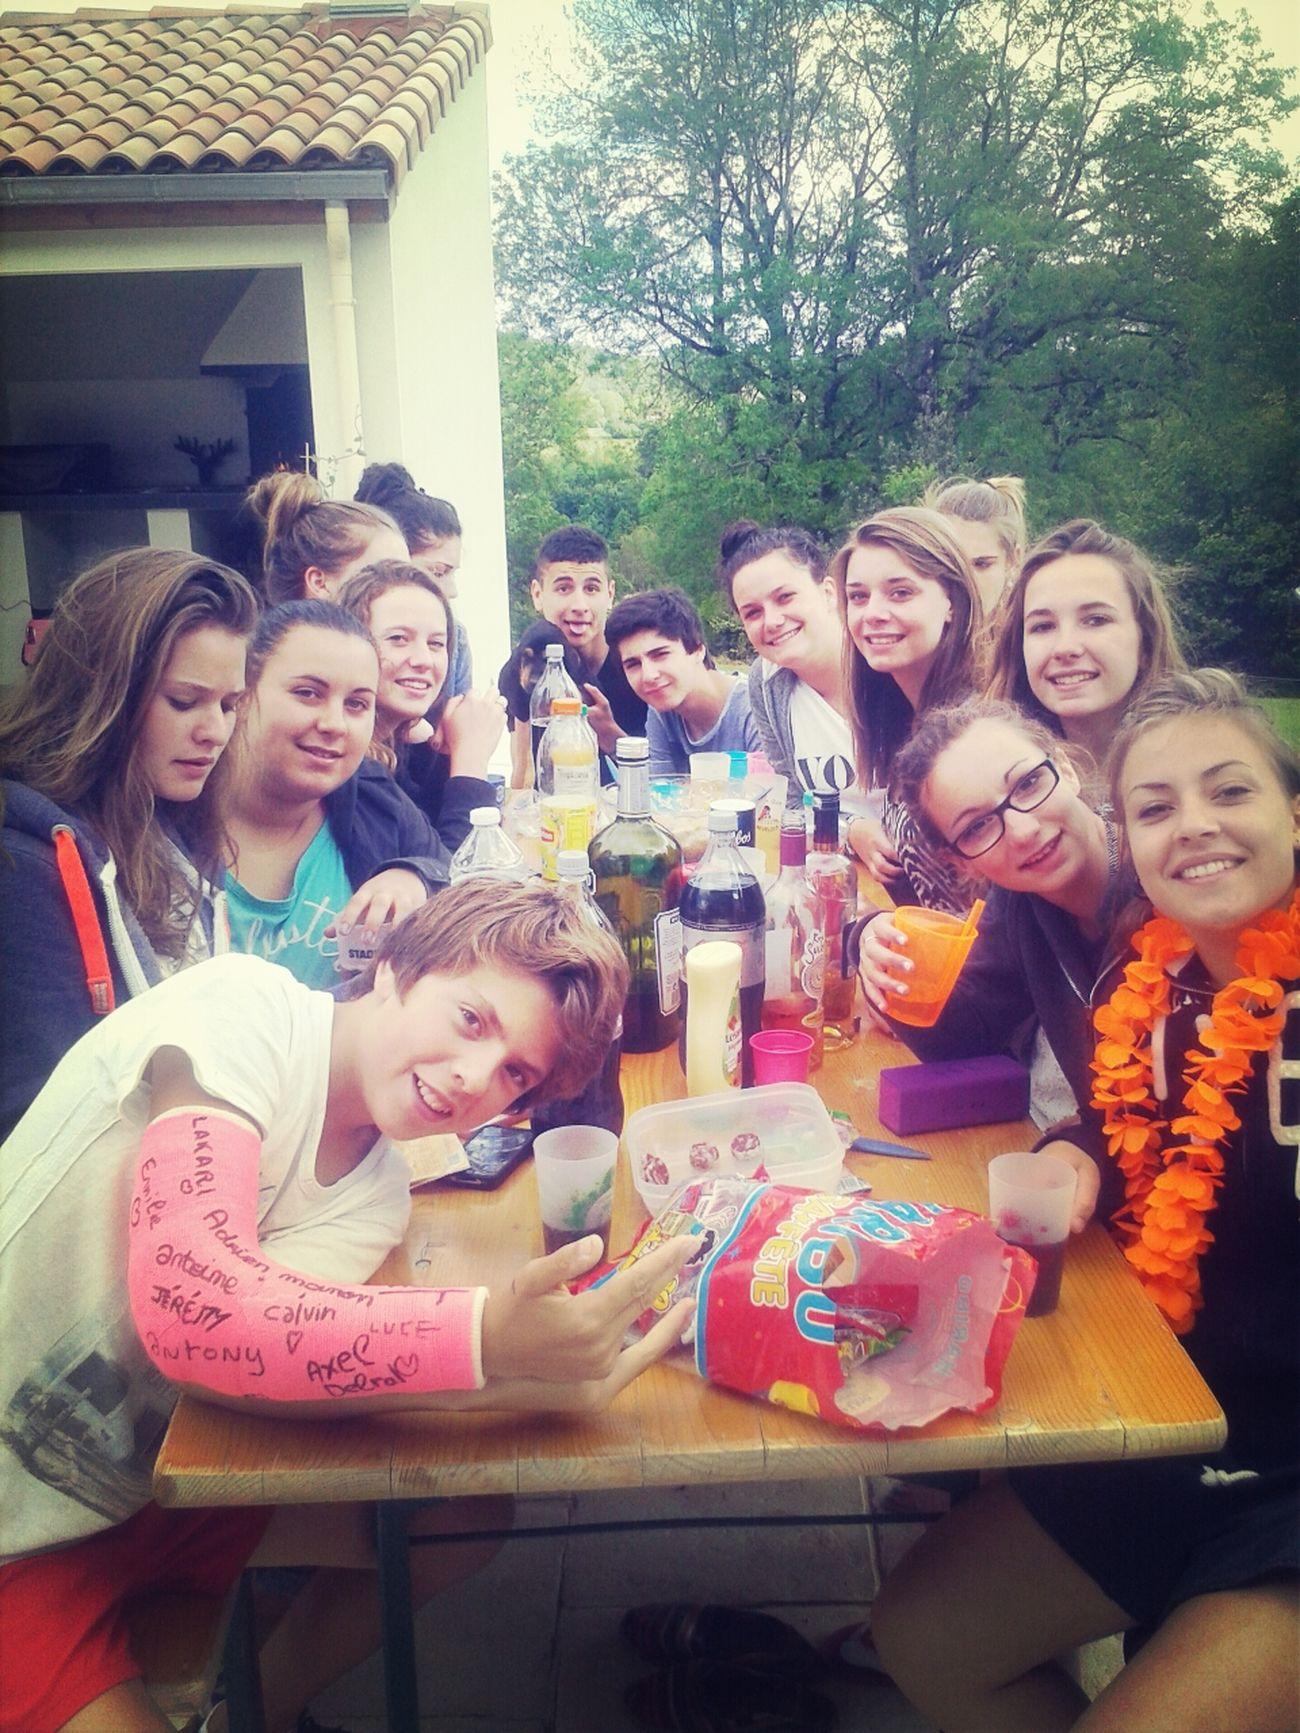 les amis ♥